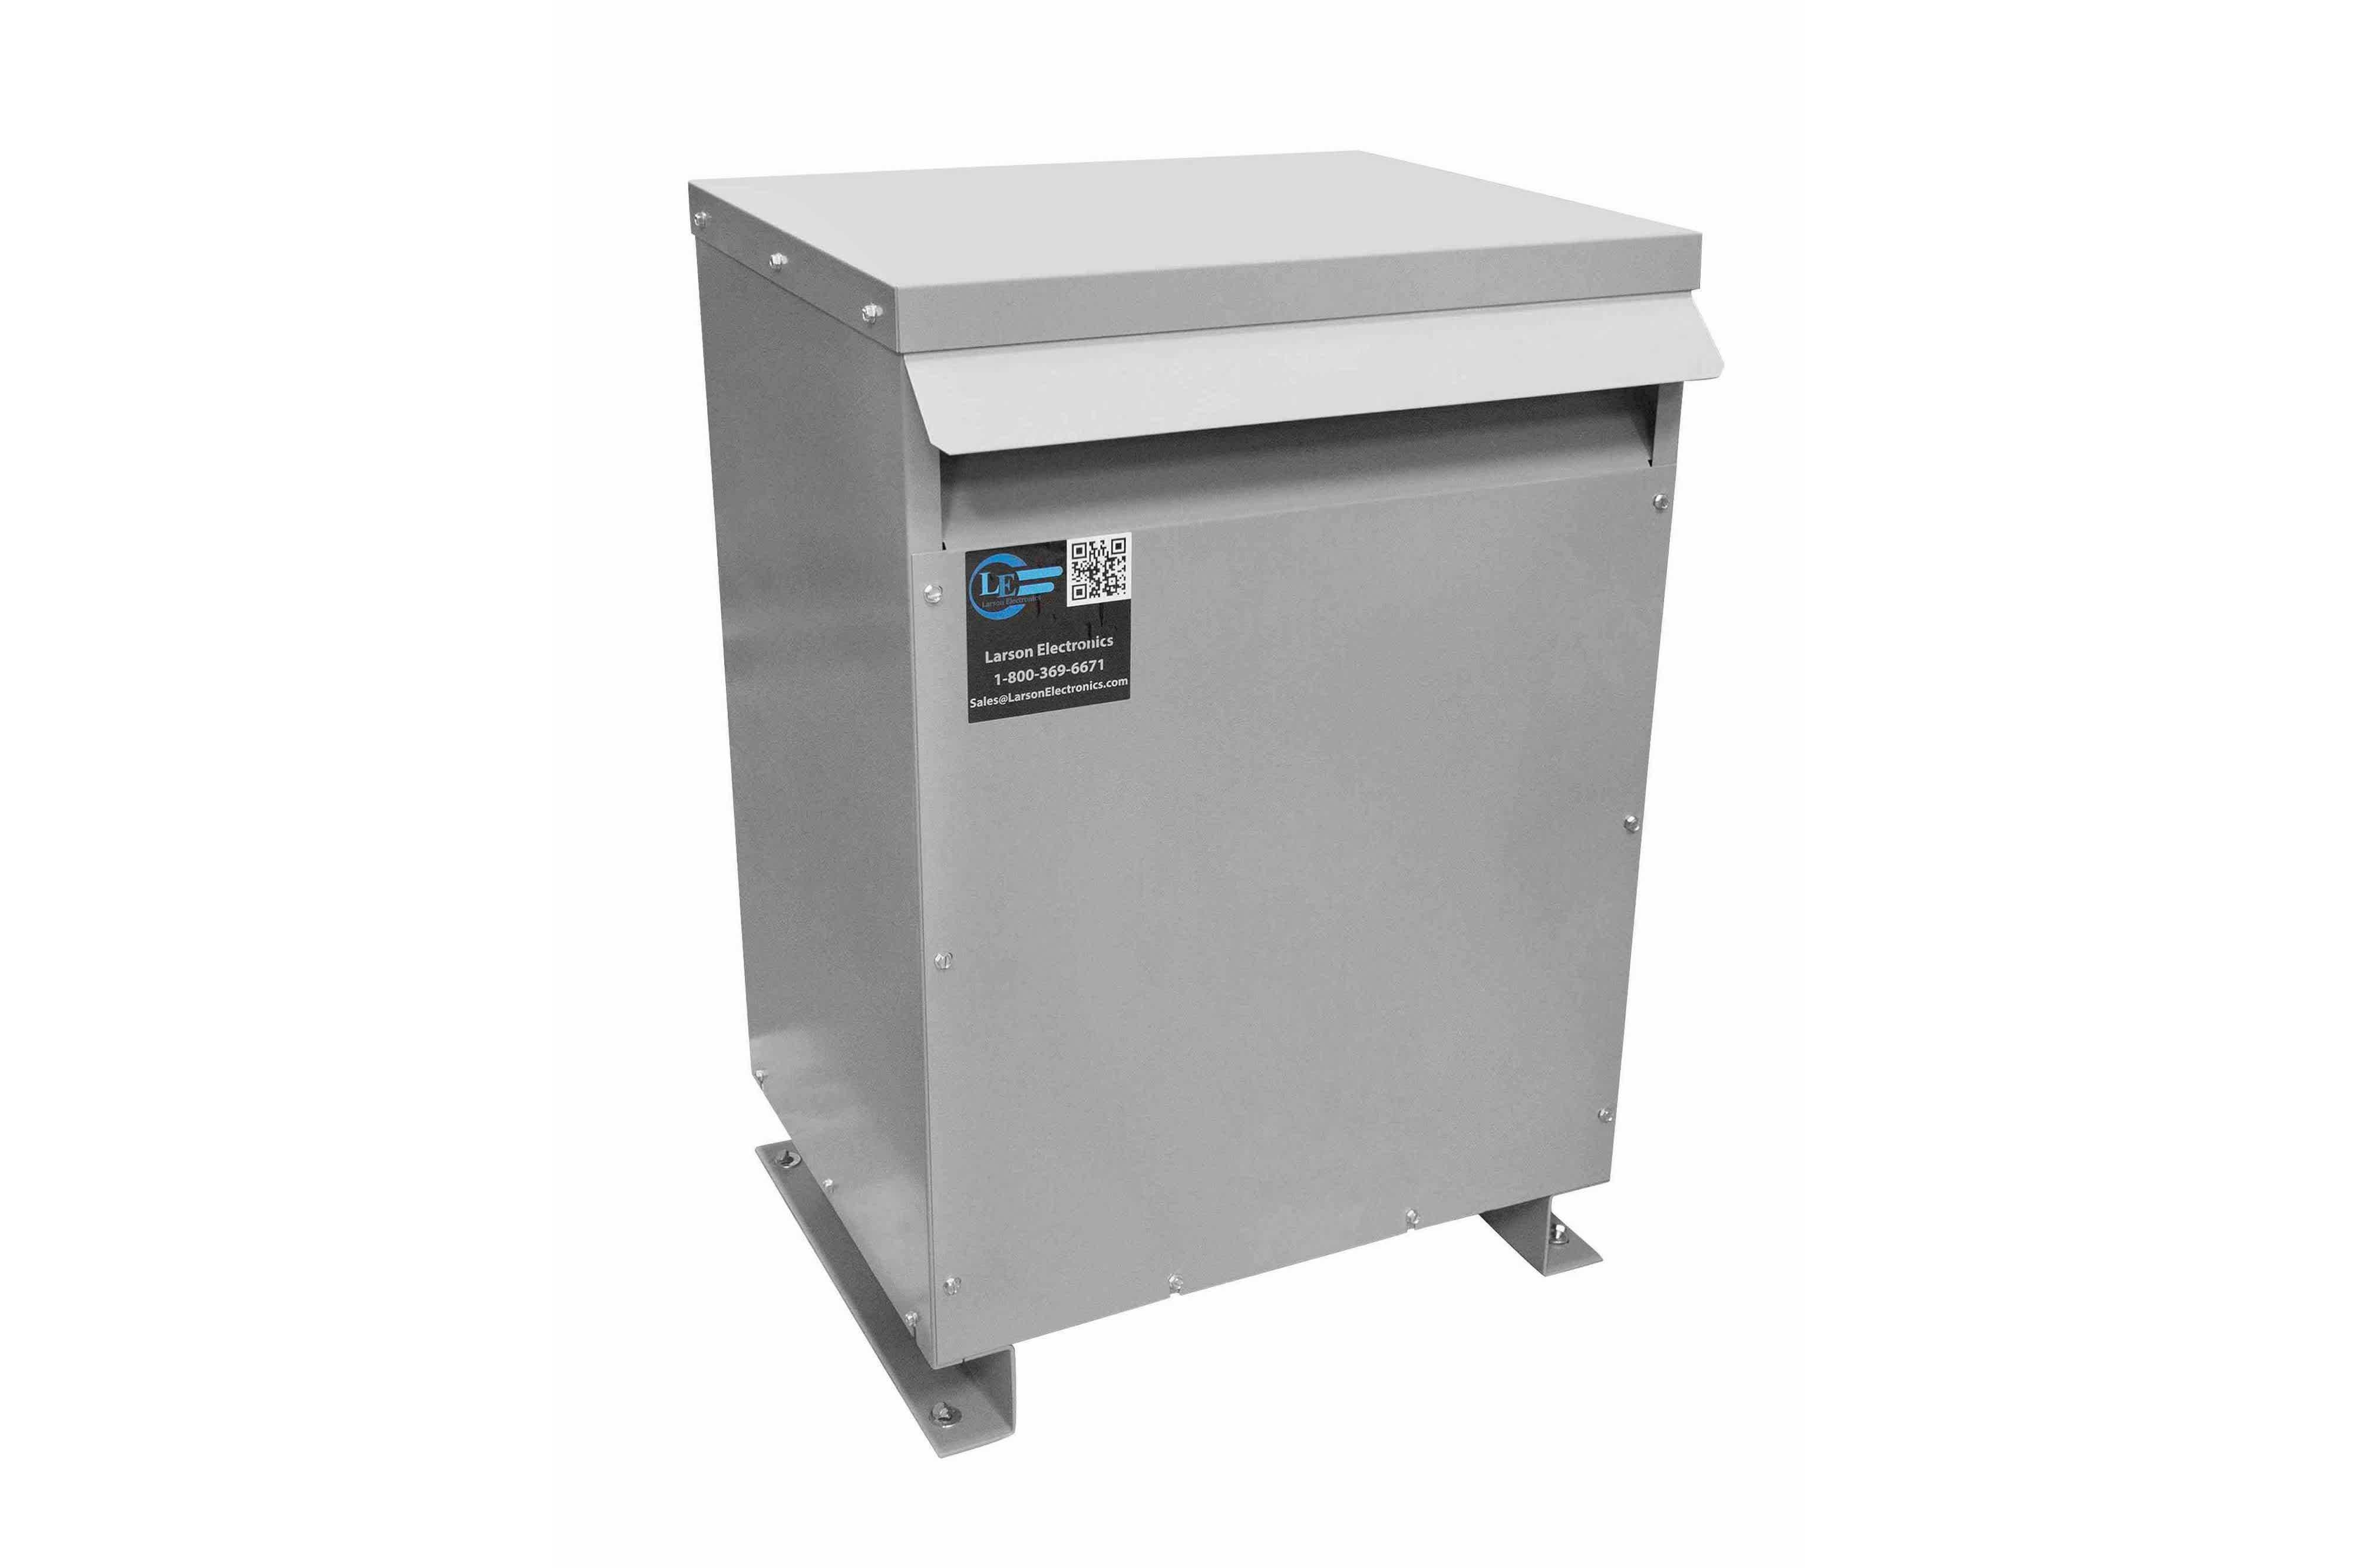 110 kVA 3PH Isolation Transformer, 480V Delta Primary, 480V Delta Secondary, N3R, Ventilated, 60 Hz